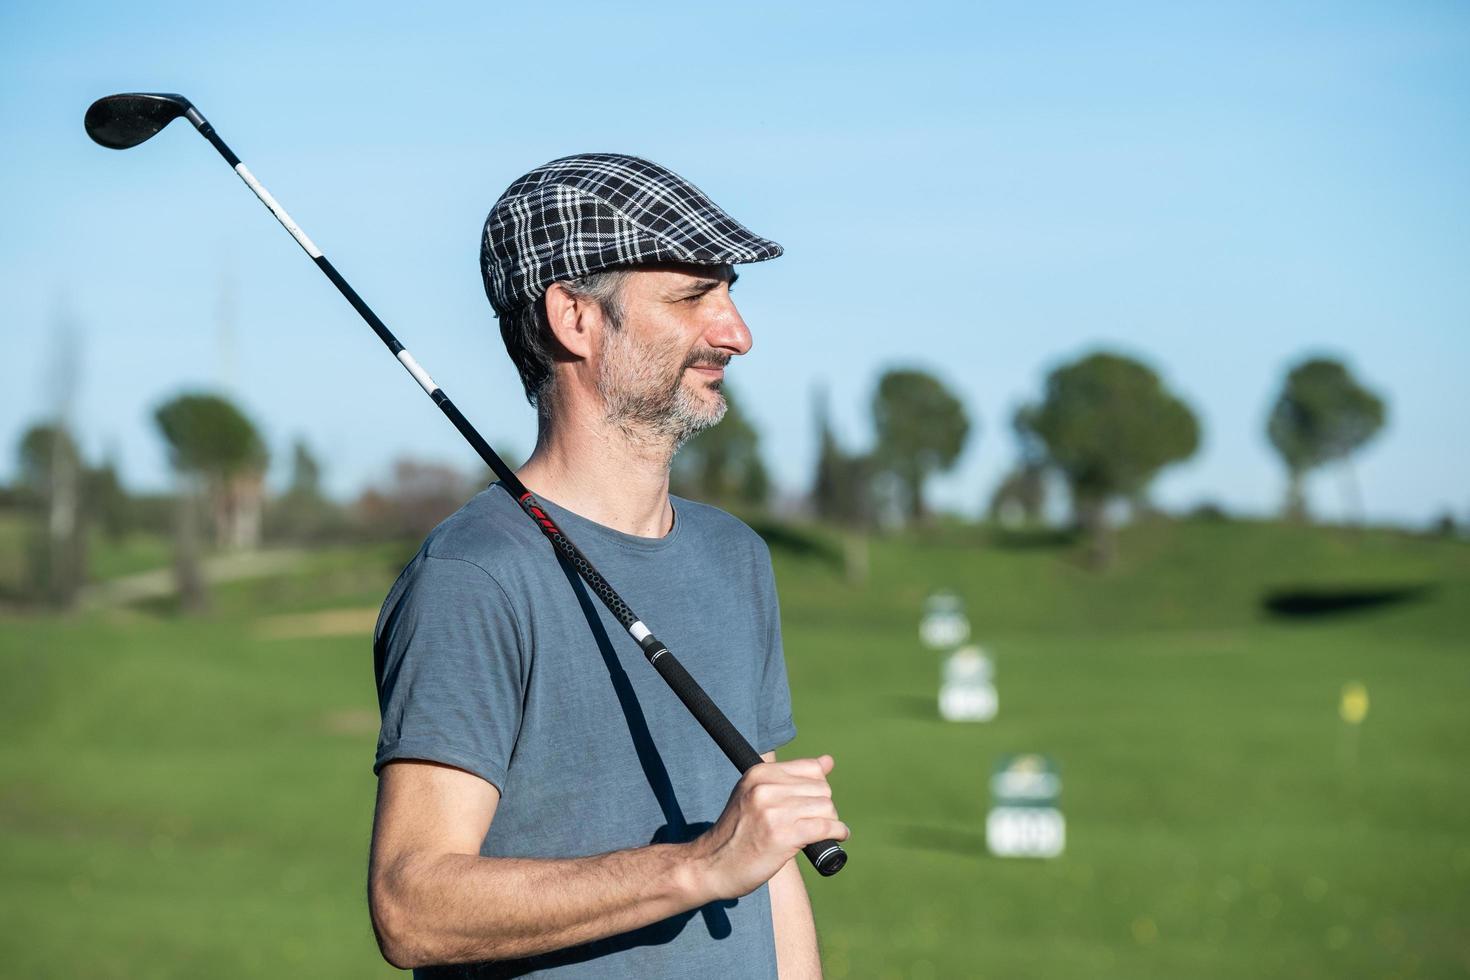 Jugador de golf con gorra y club sobre su hombro en un curso de conducción foto